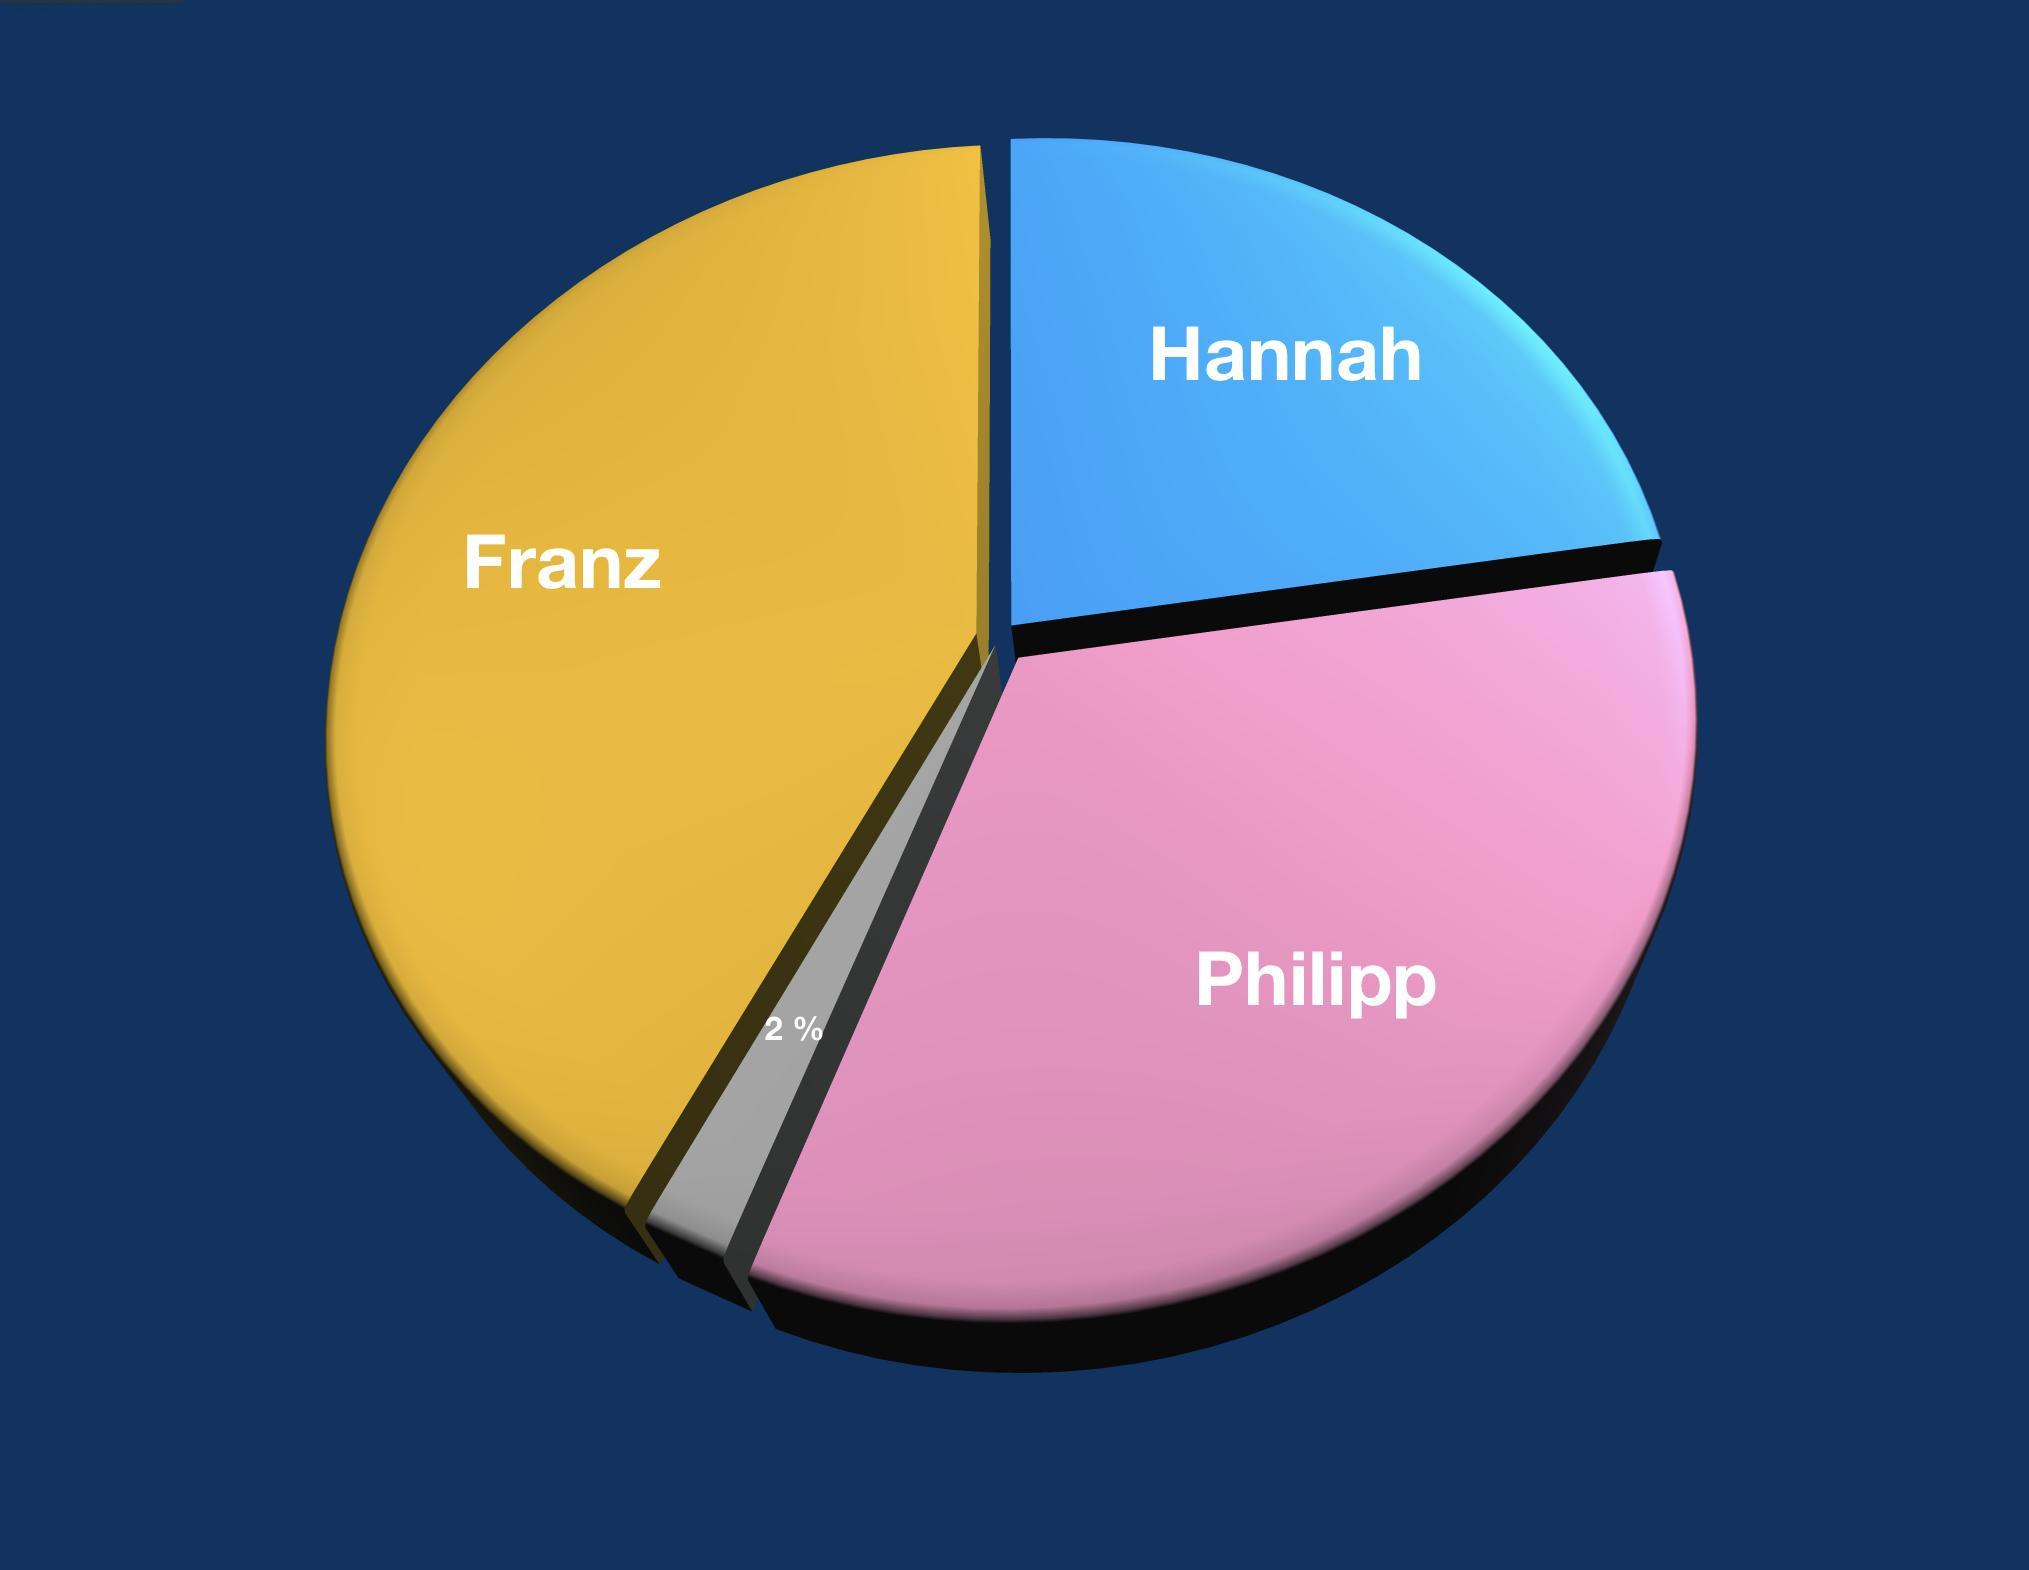 Ergebnisse der Superwahlwoche